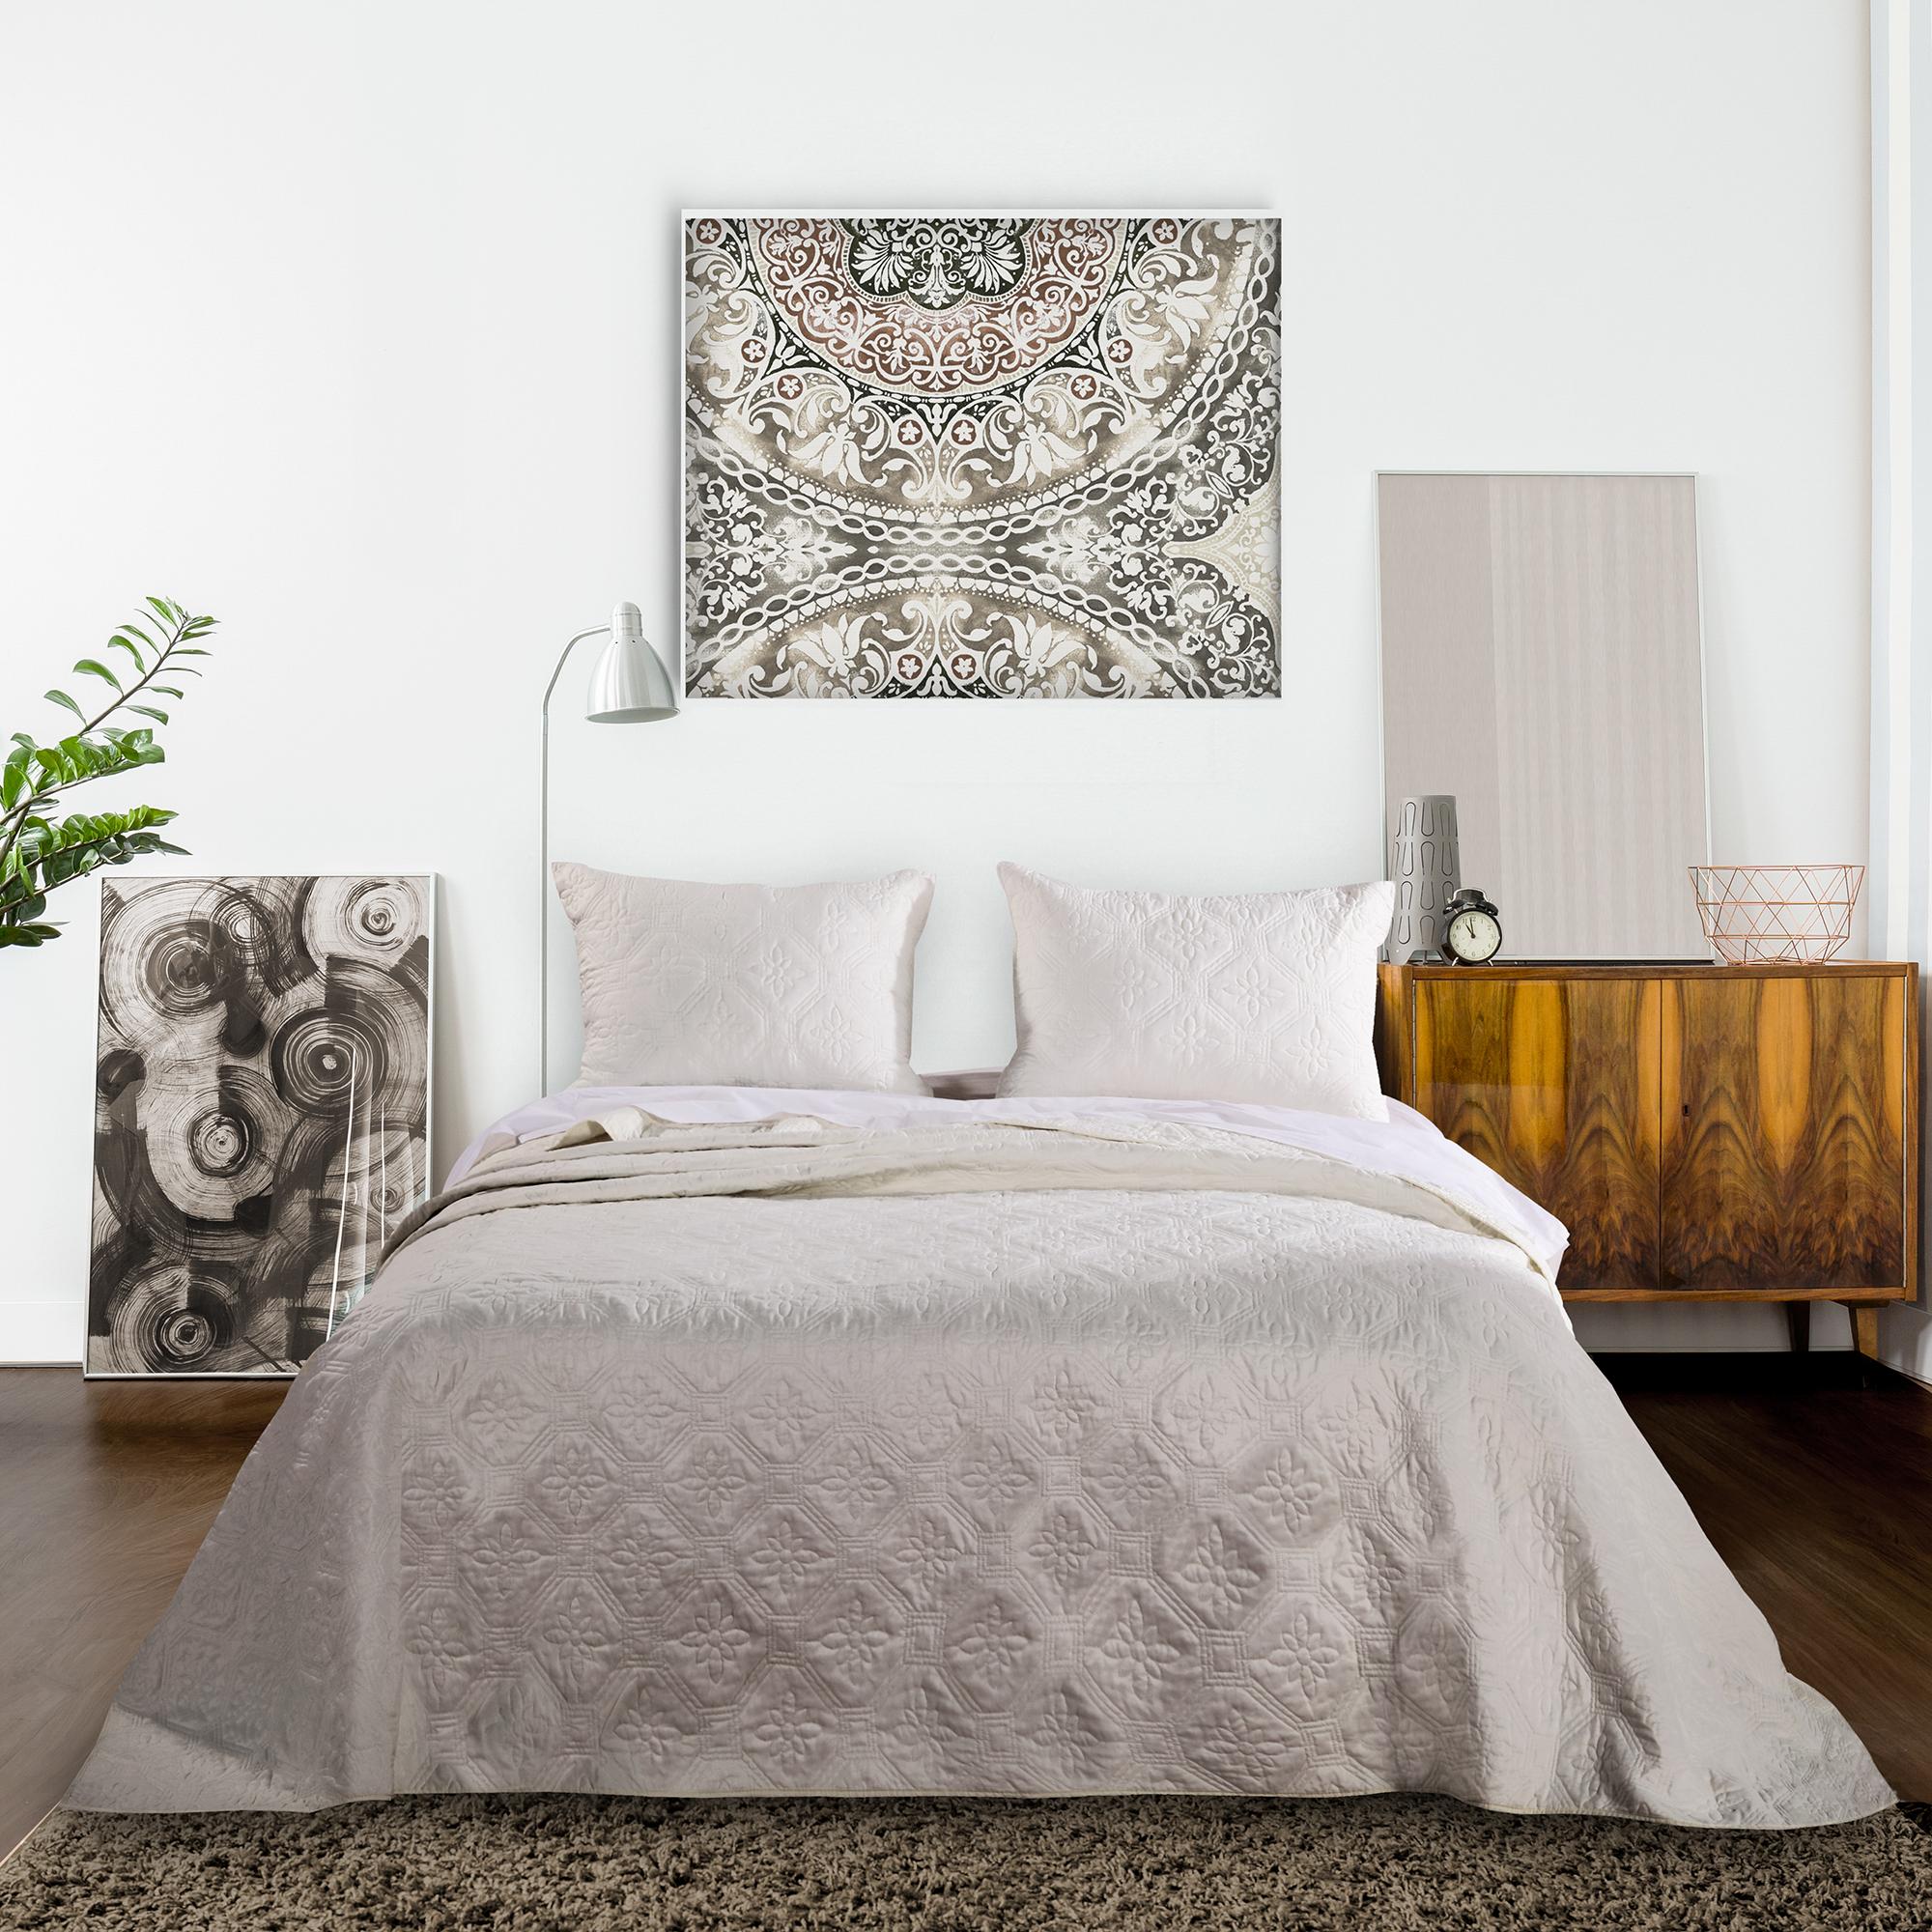 Global Trends Castle Point Bedspread Set